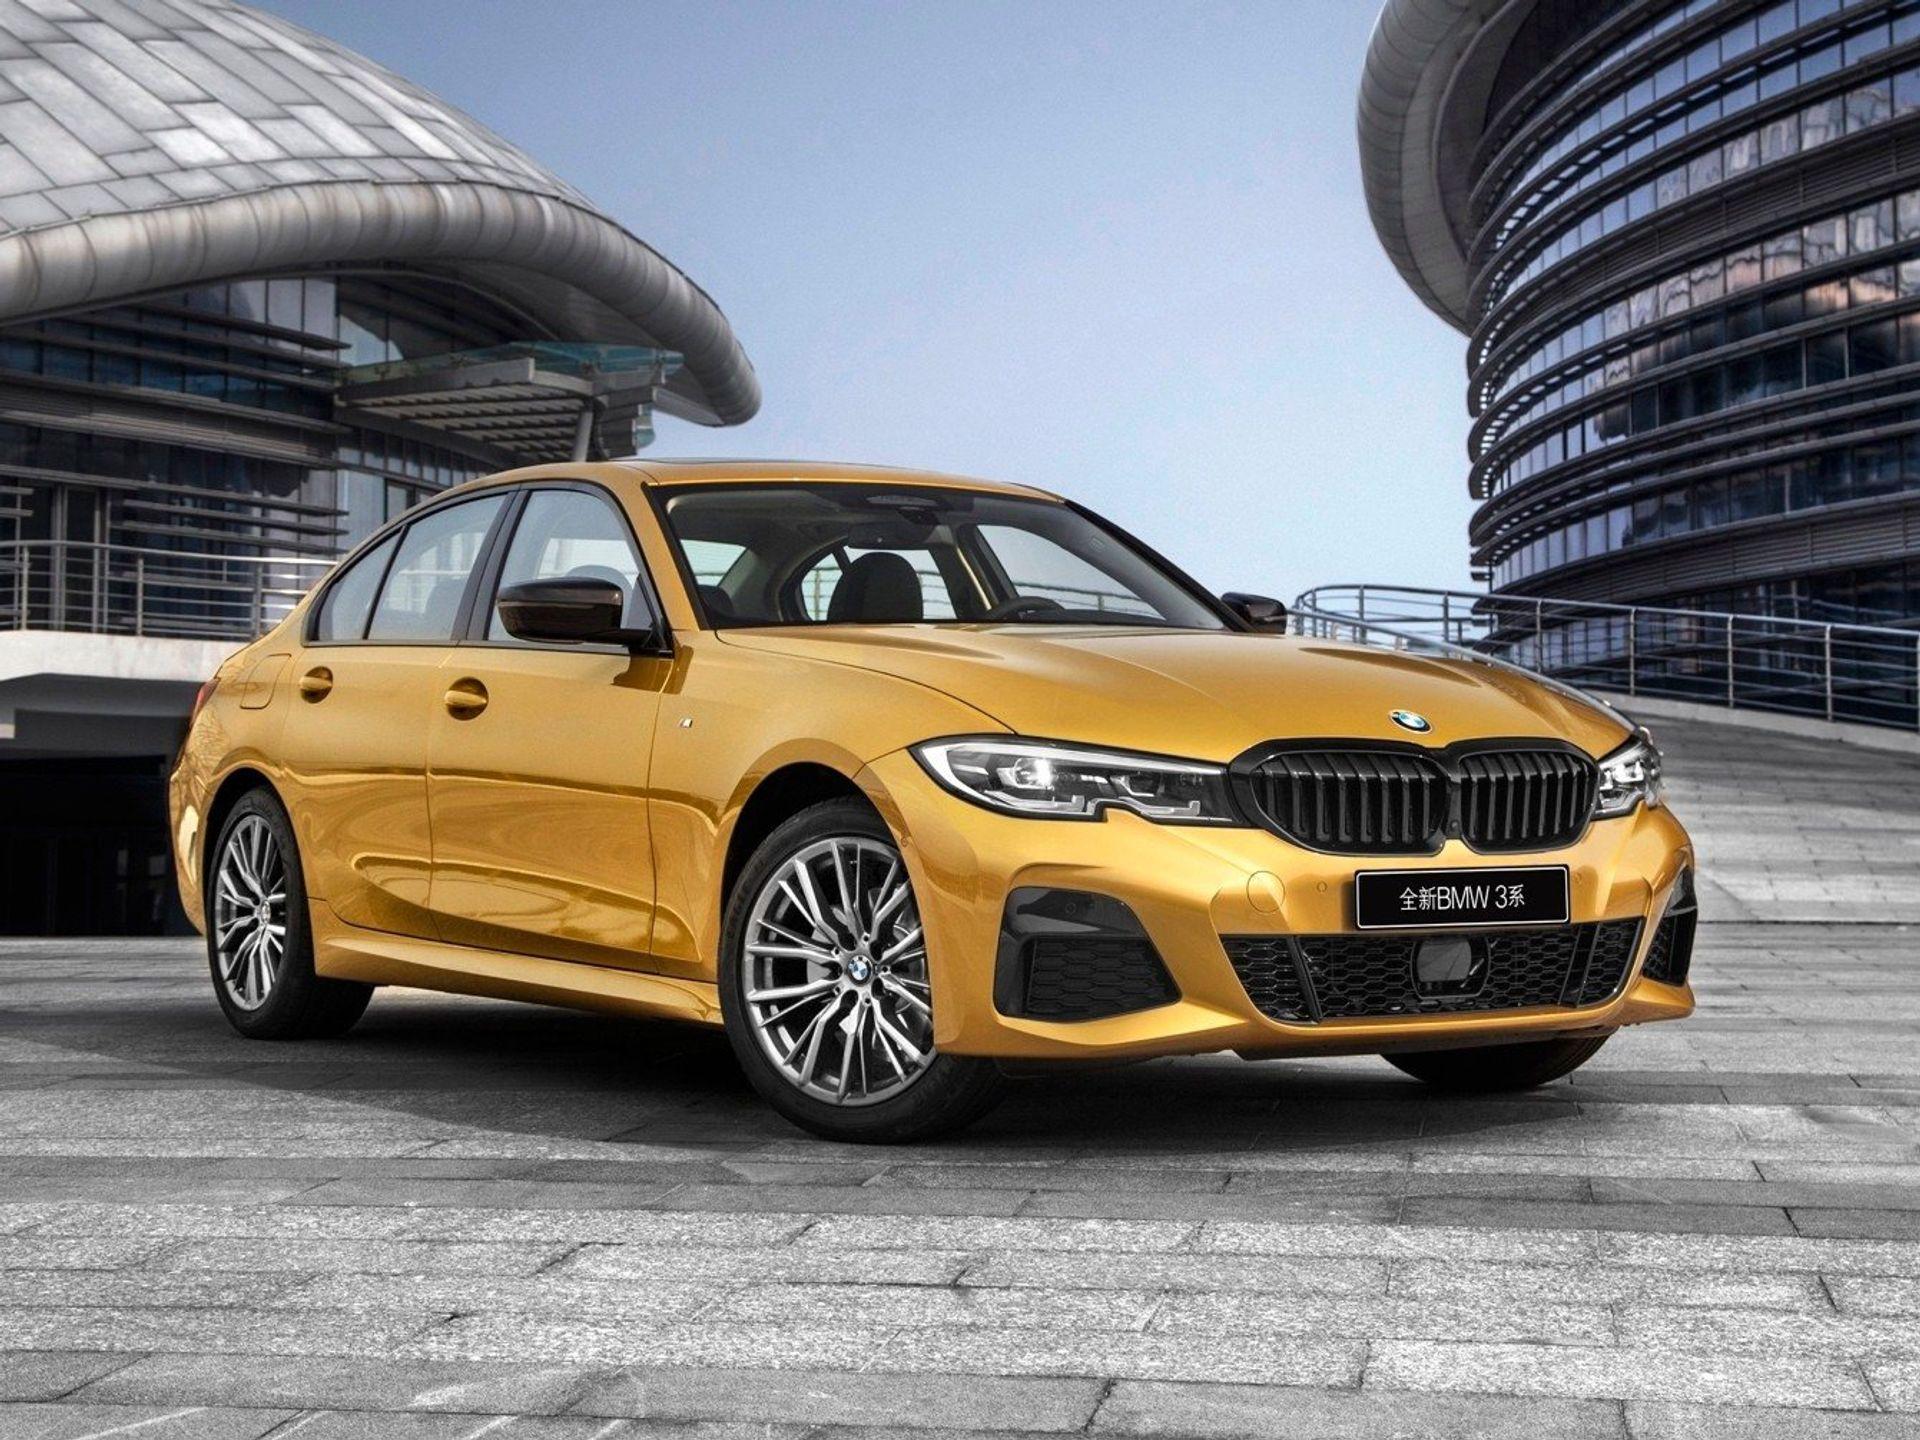 BMW 318i - 2021